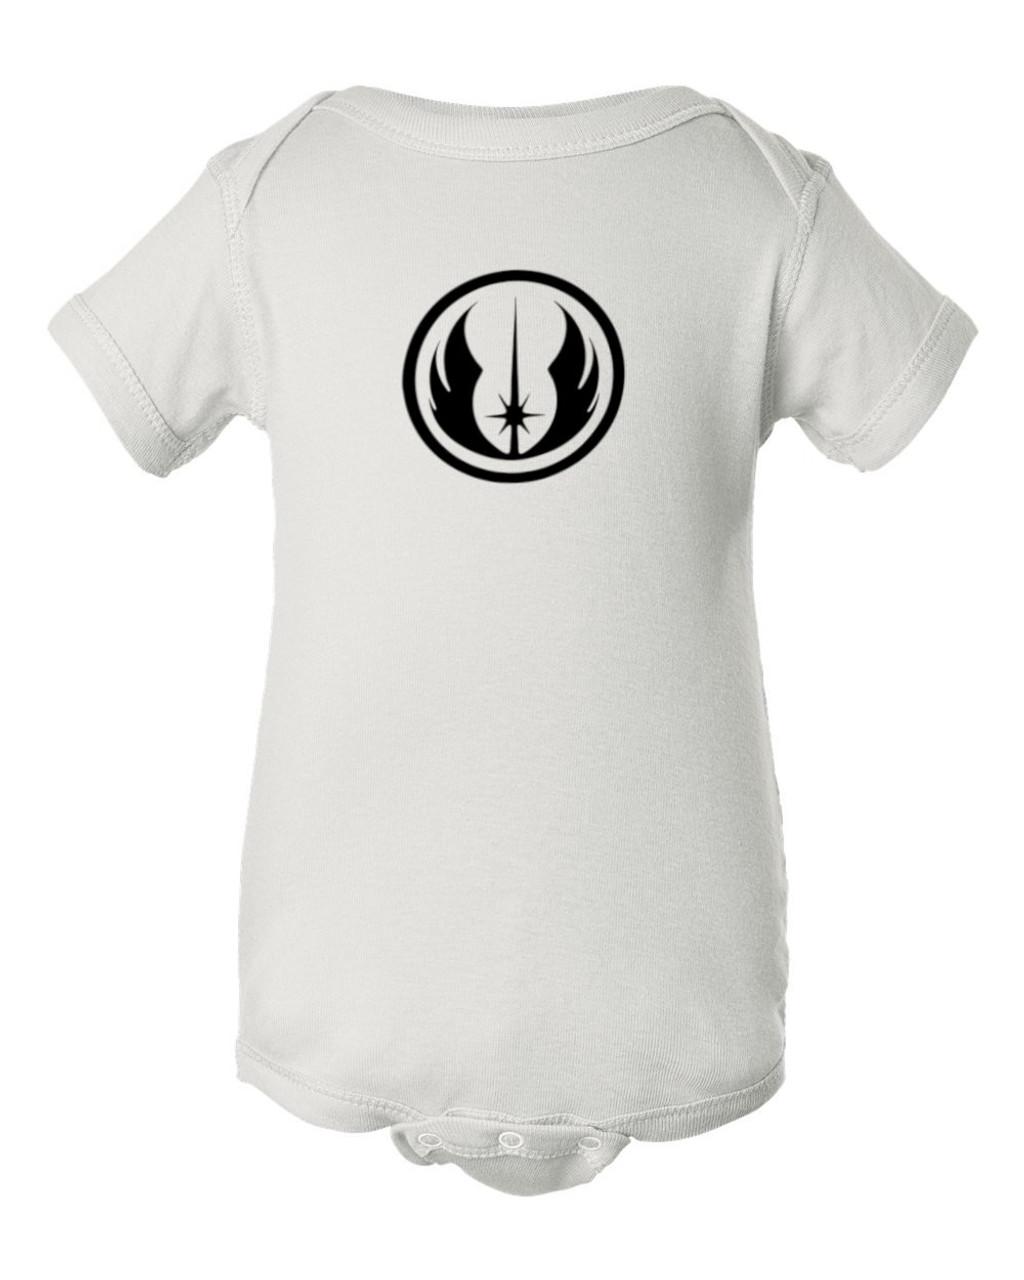 Jedi Order Symbol & Emblem Baby Bodysuit Infant Star Force Wars